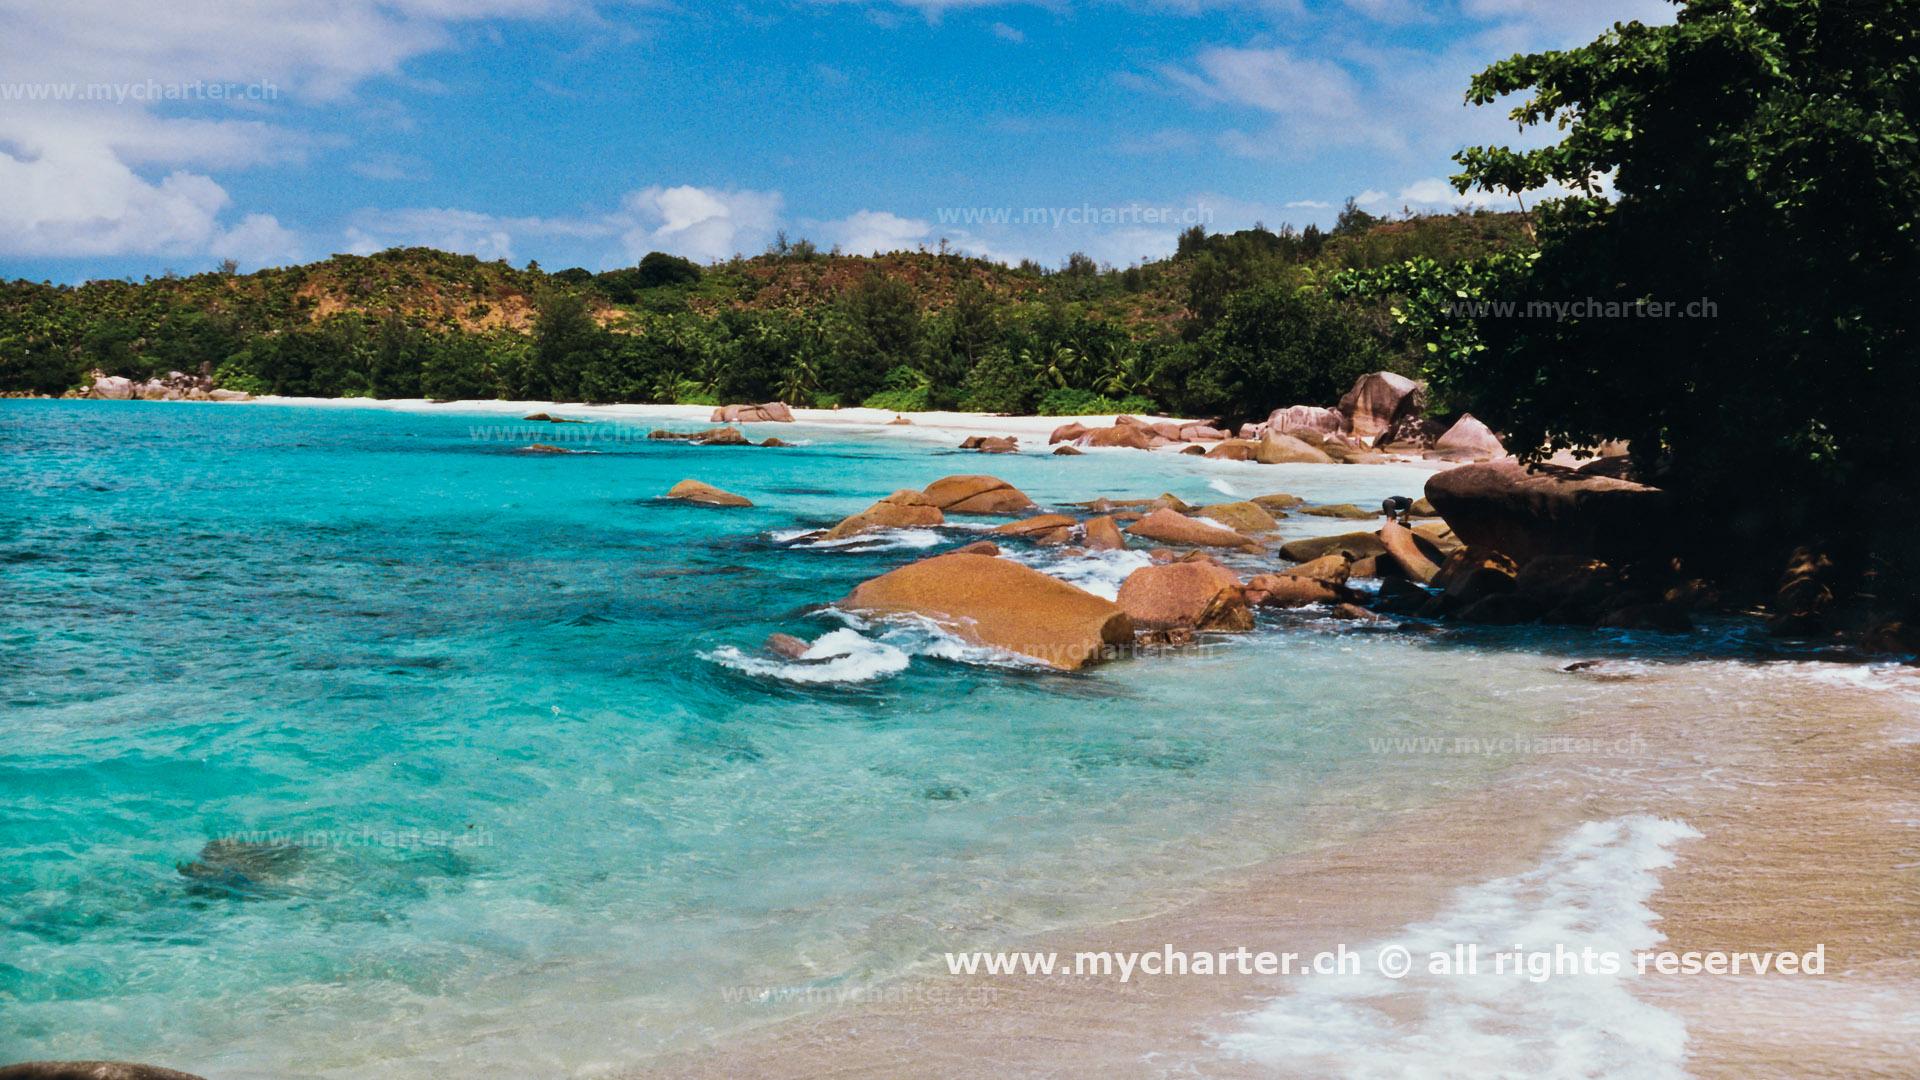 Seychellen - Anse Lazio Praslin